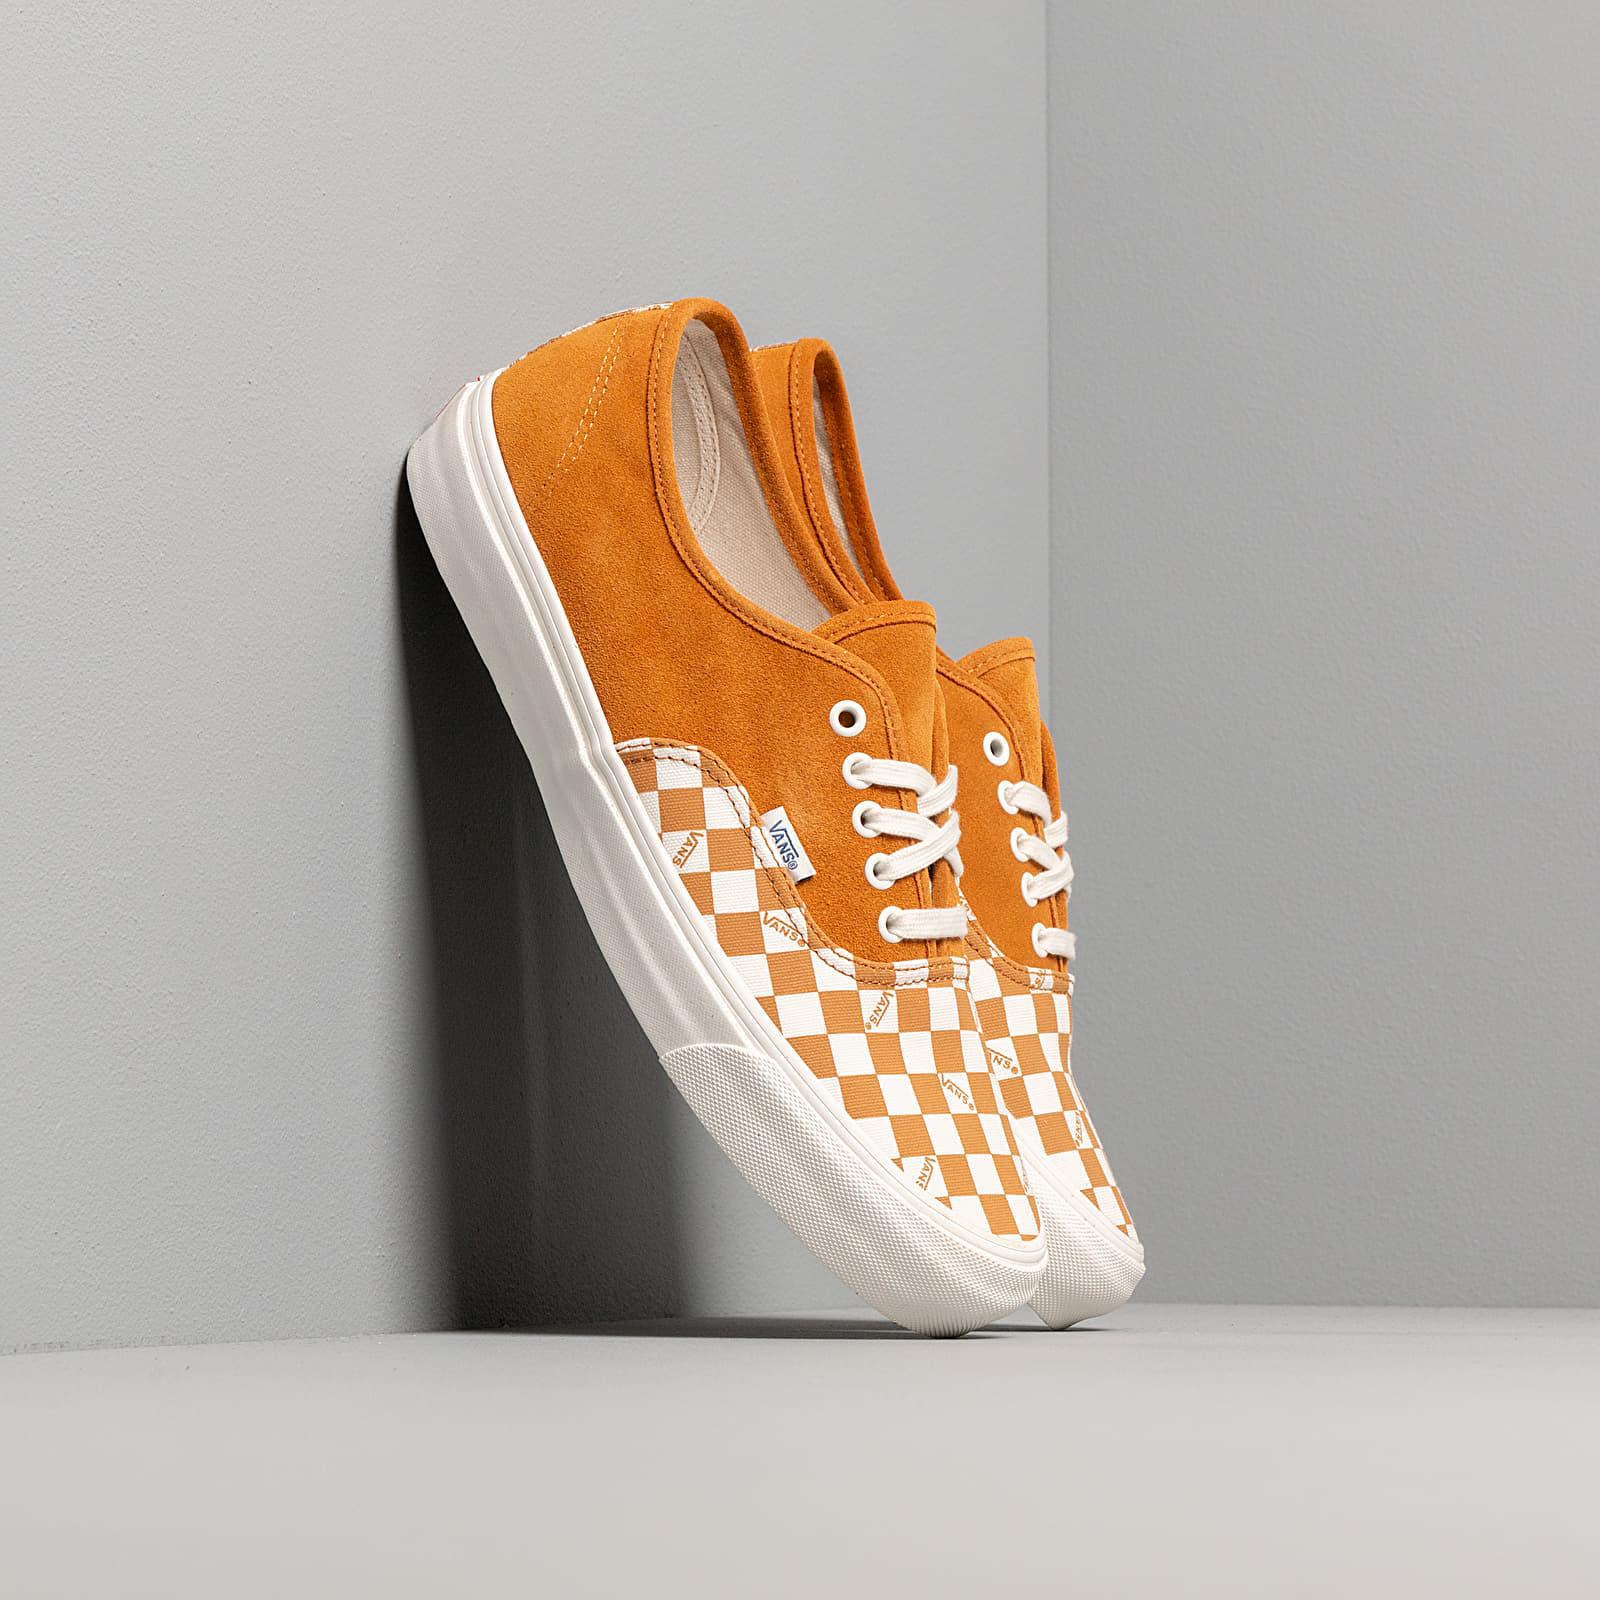 Pánské tenisky a boty Vans OG Authentic LX (Suede/ Canvas) Buckthorn